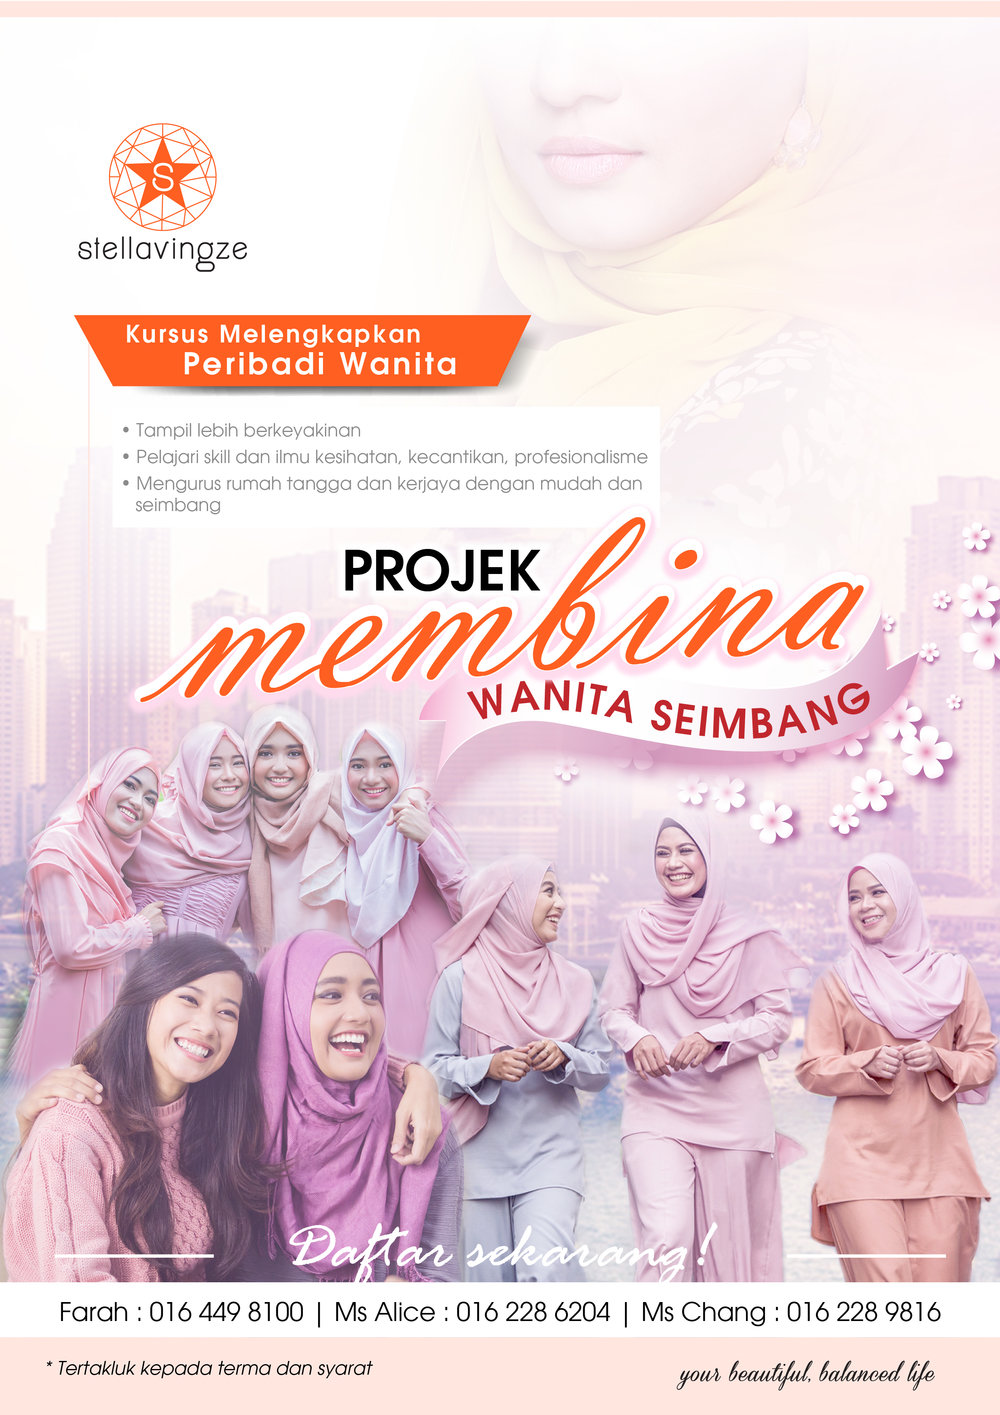 Stellavingze_Projek Membina Wanita Seimbang Poster 160317 New1-01.jpg